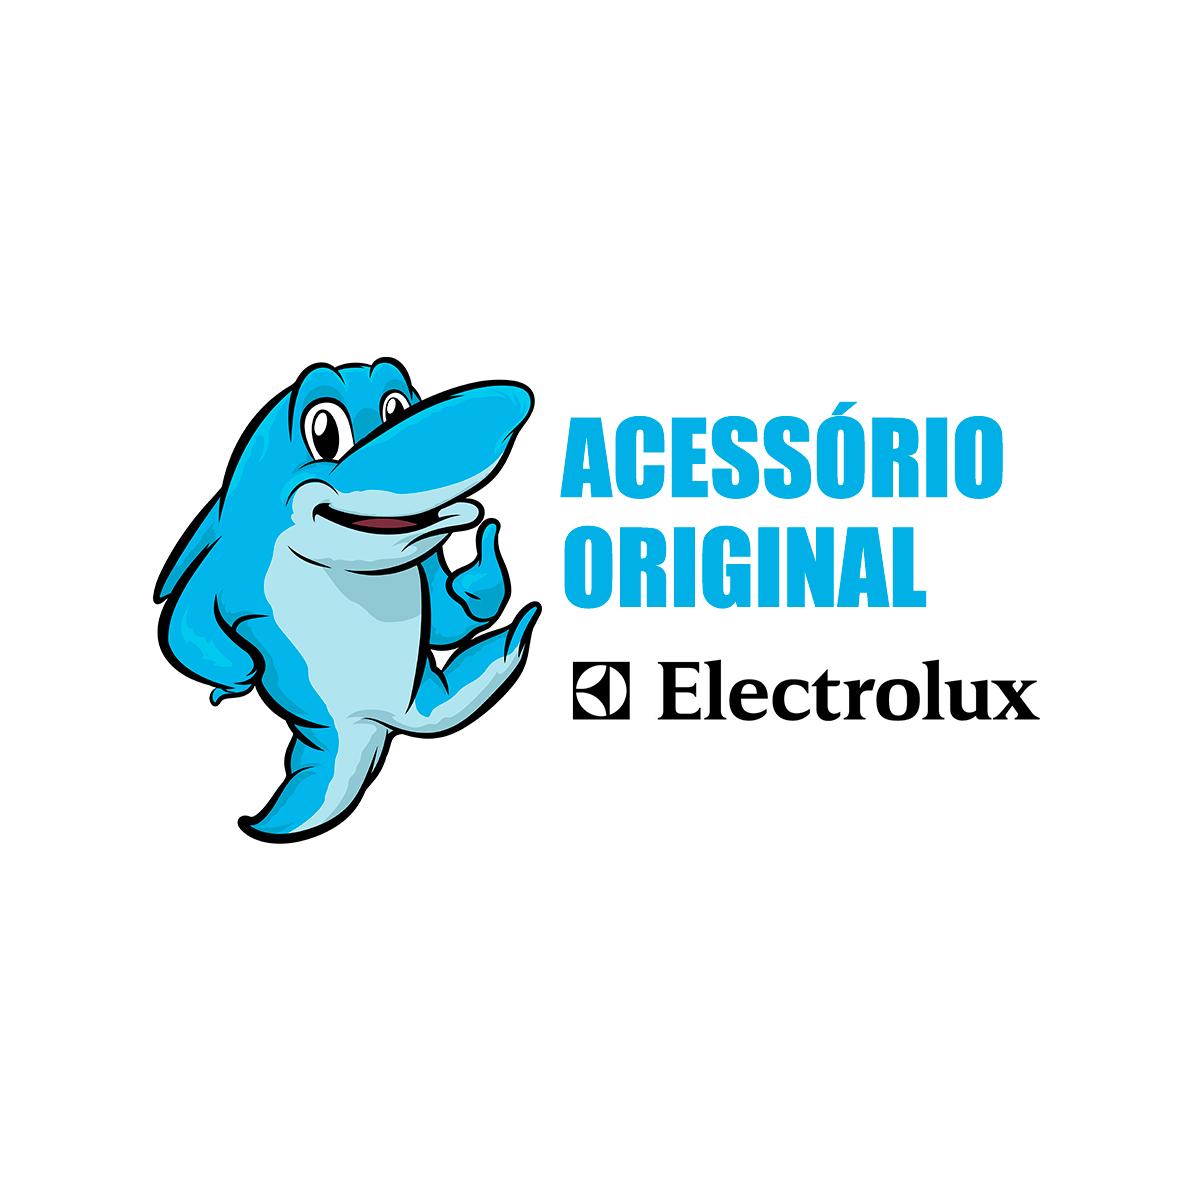 Kit Saco Descartável para Aspirador Electrolux Neo, Listo, Pet Lover 3un Original